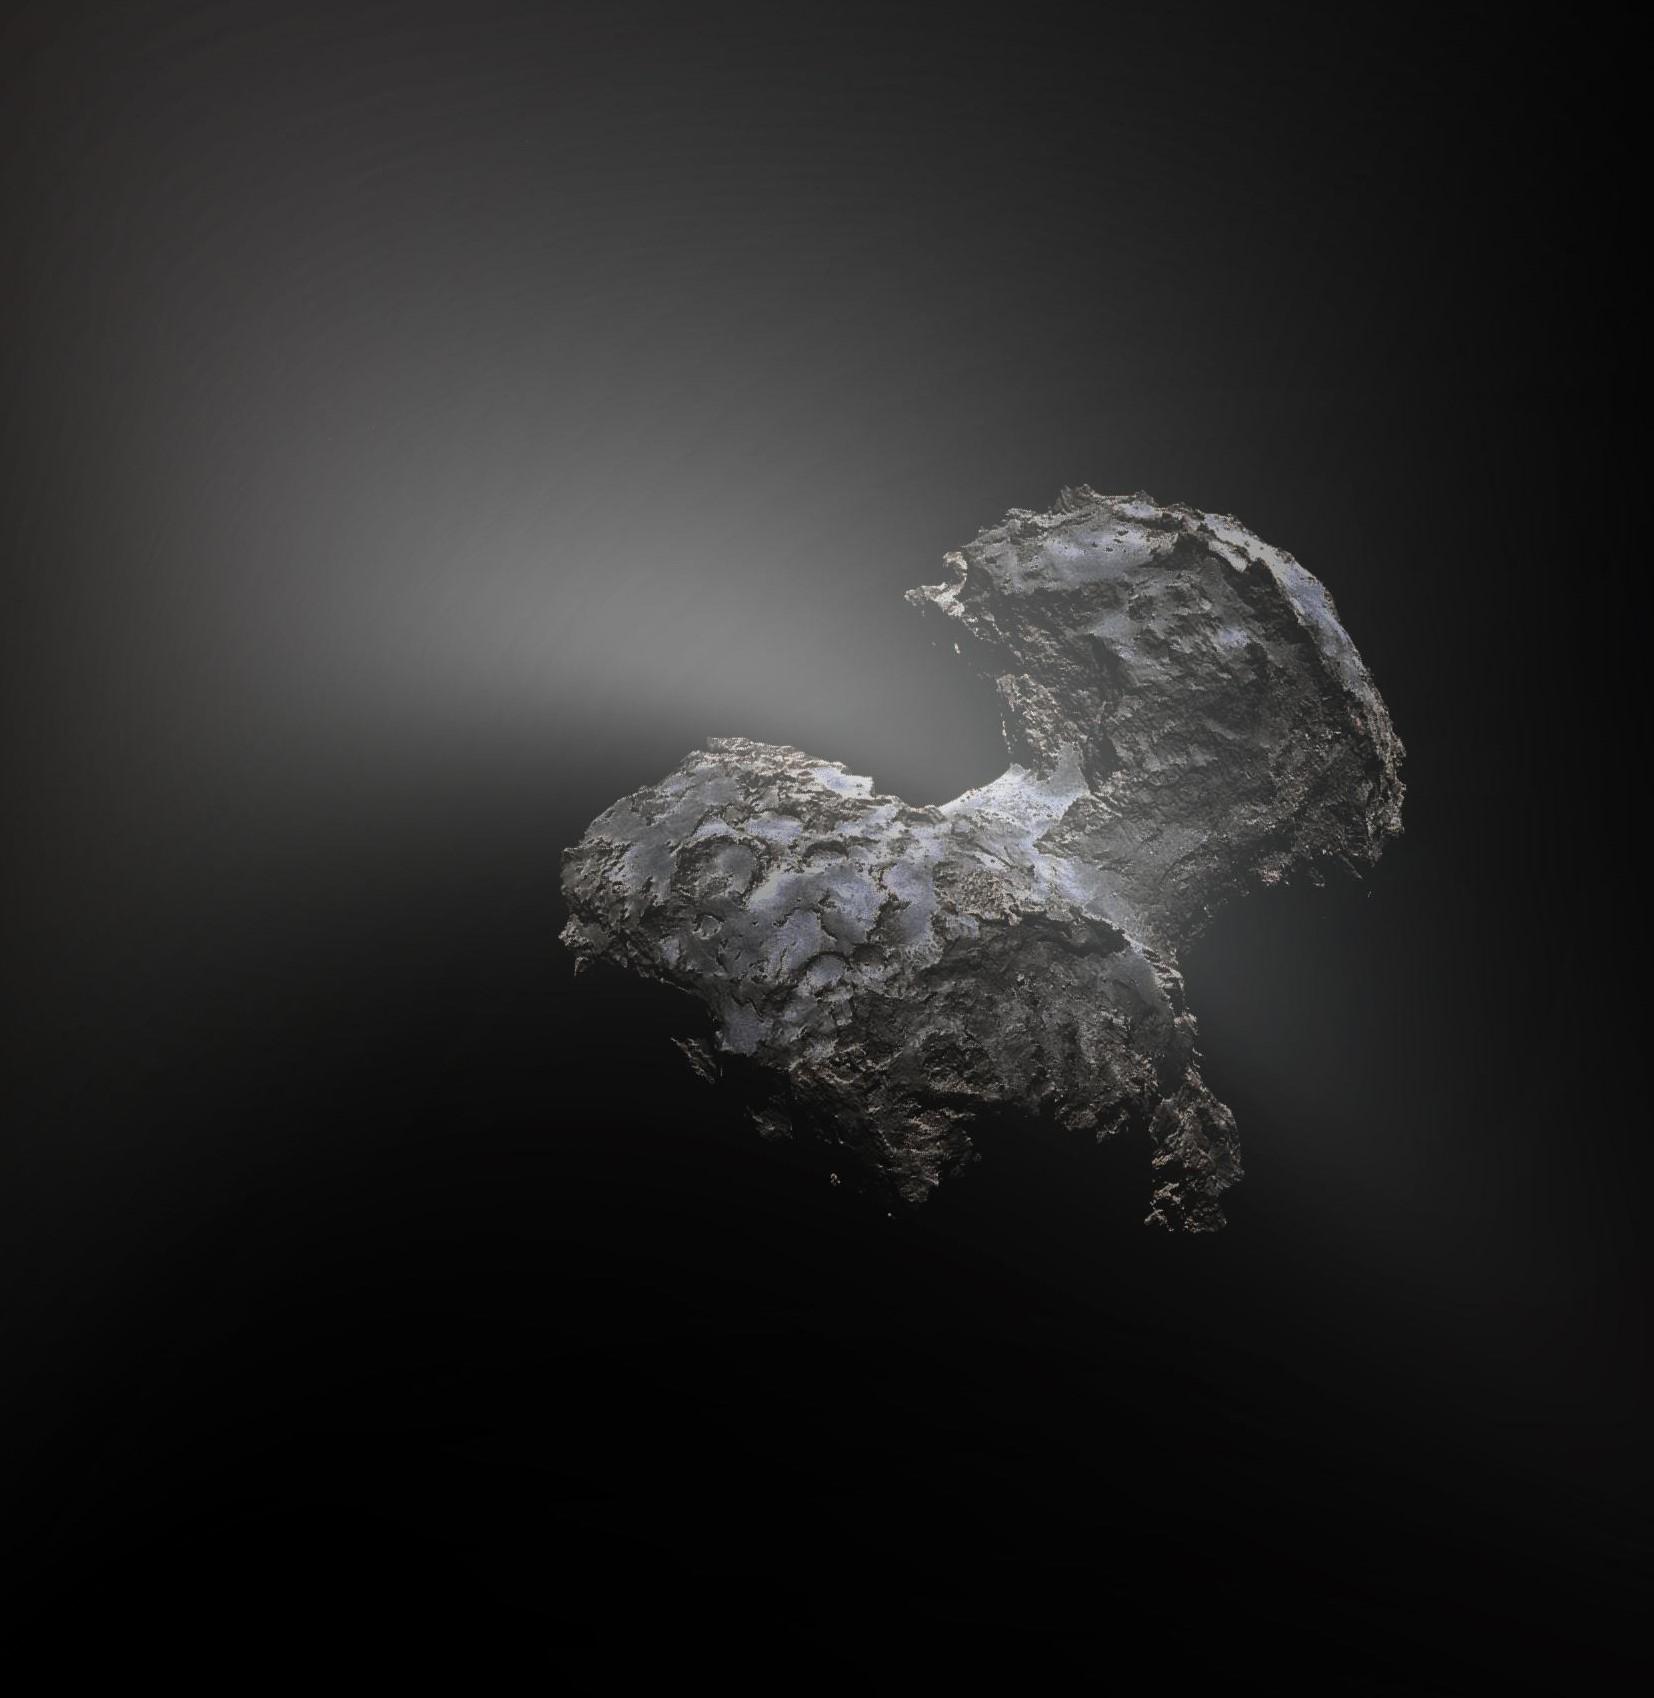 Обработанный снимок кометы